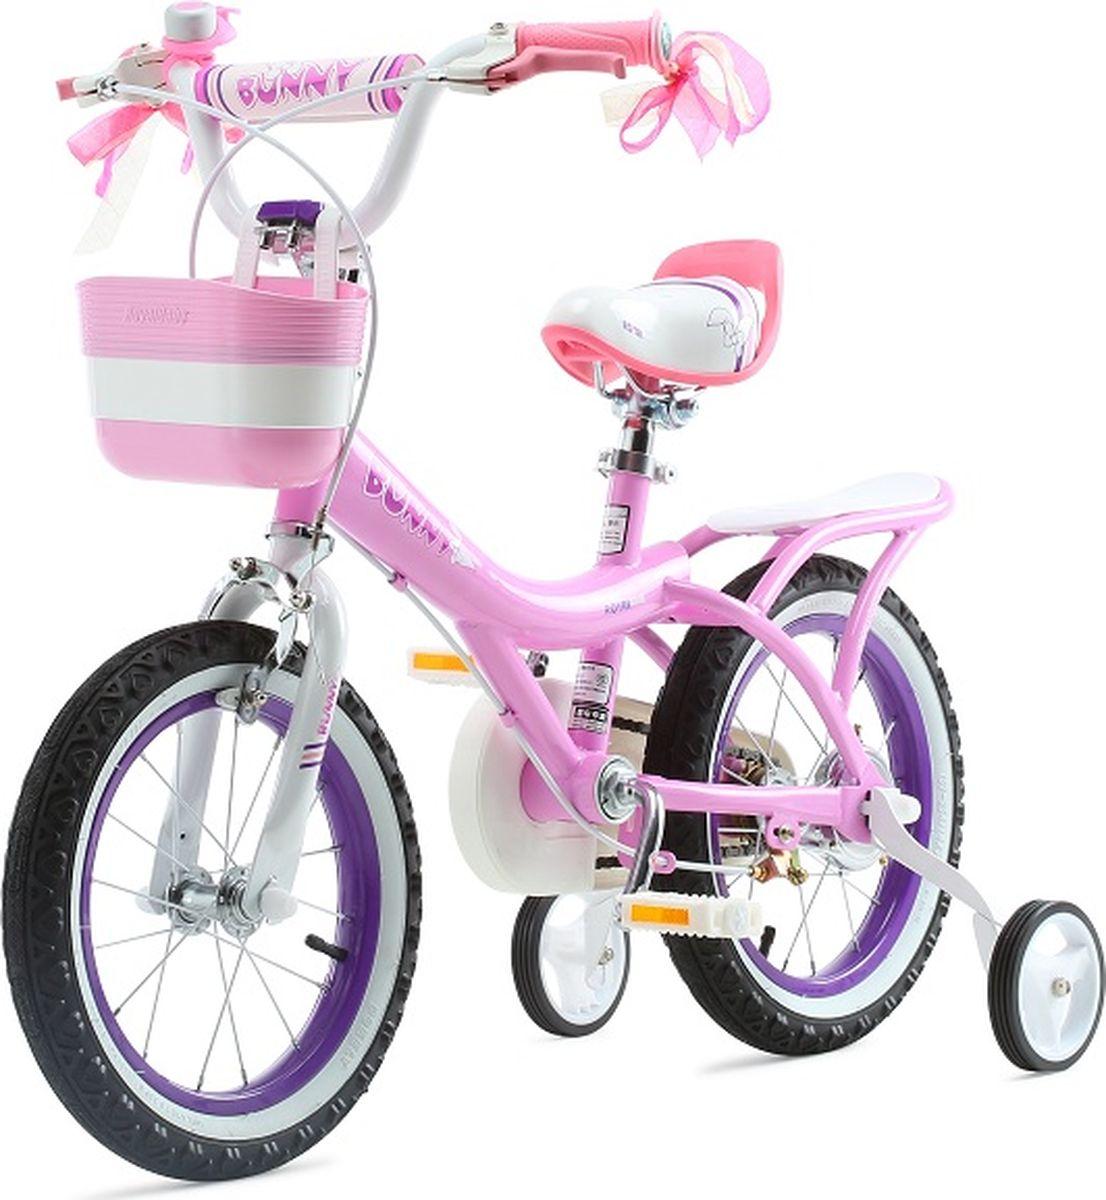 Детский велосипед с приставными колесами. Стальная рама, надувные колеса, комплект задних приставных колес, ручной тормоз, звонок, регулируемое по высоте седло, регулируемый по высоте руль, корзинка для вещей или игрушек. Насос, набор ключей, крылья в комплекте. Подходит для роста 105-120 см. Профиль обода - одностенный. Вид ниппеля: автомобильный (AV, Shrader, Шредер,). Тип тормозной системы: ручной ободной тормоз. Жесткая вилка